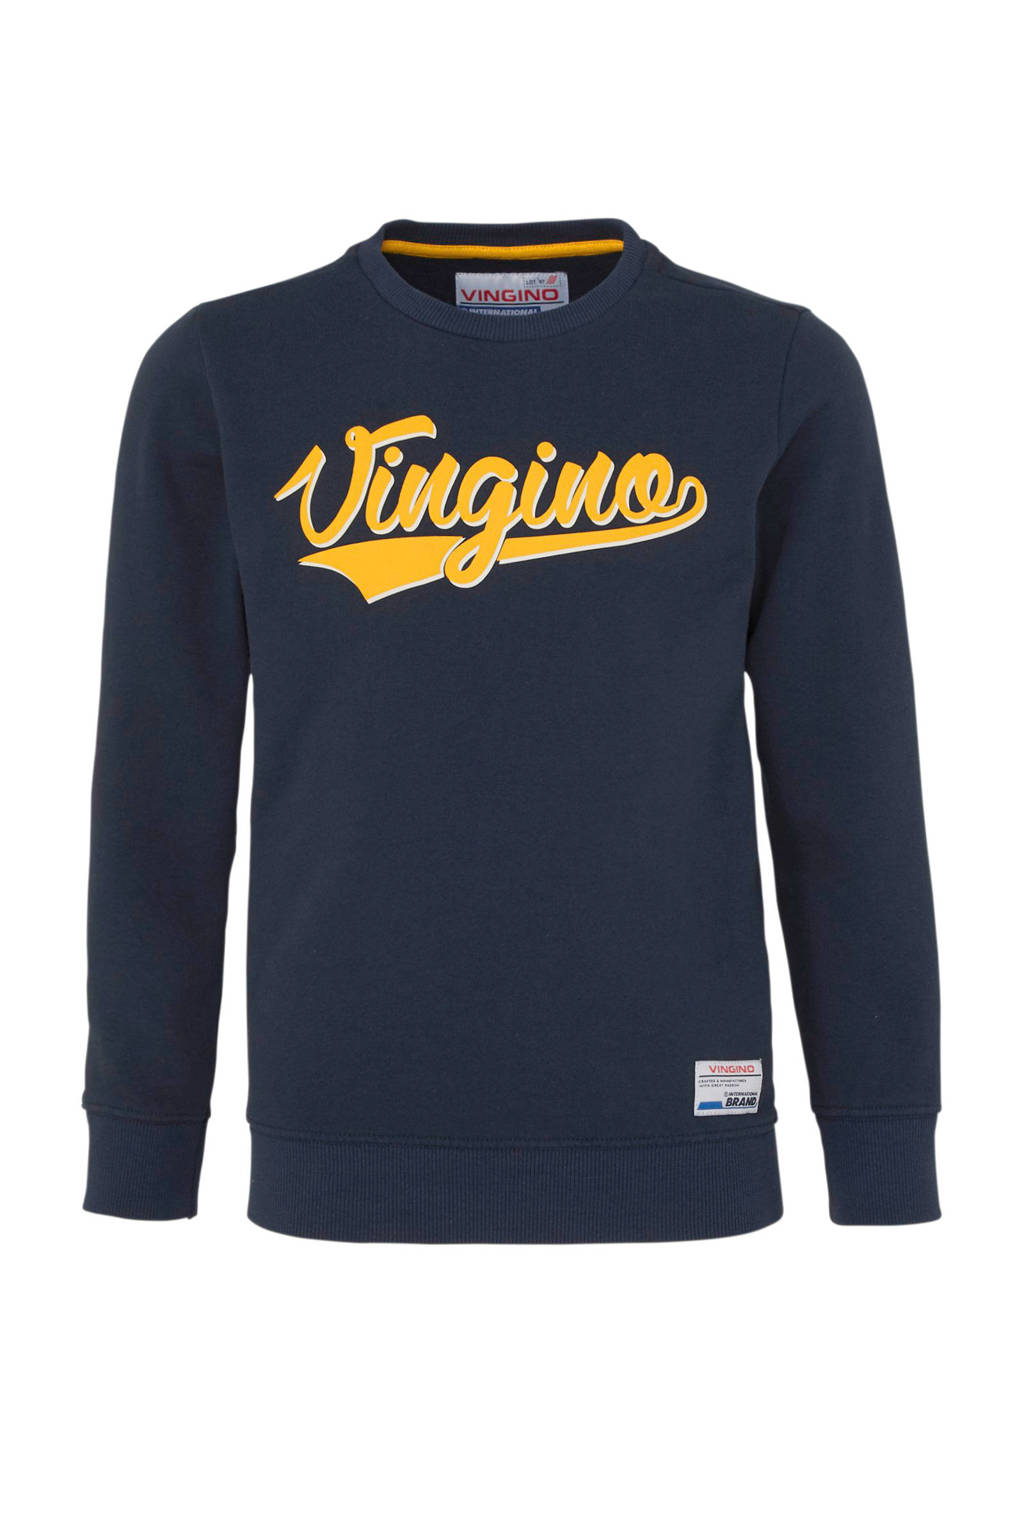 Vingino sweater Nenoi met logo donkerblauw, Donkerblauw